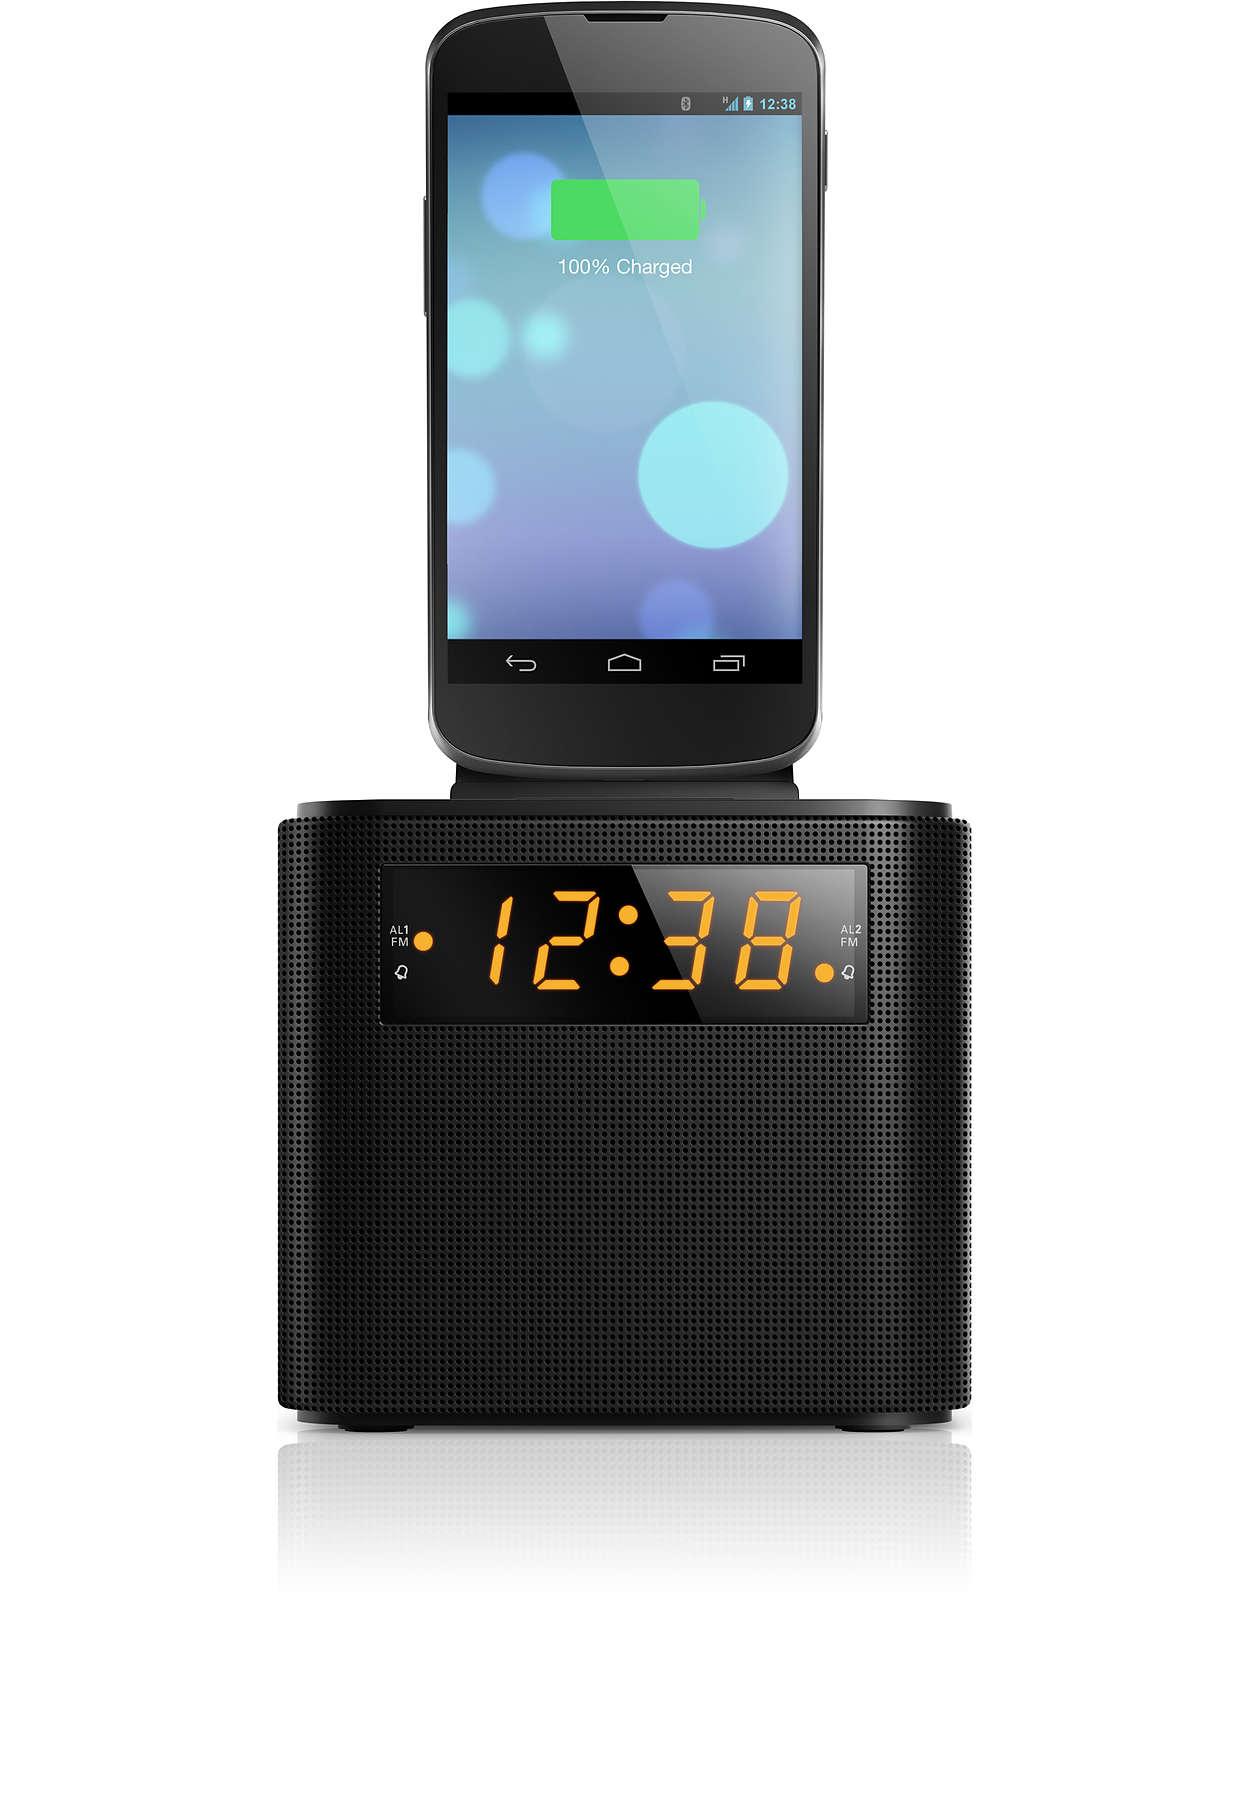 Trezeşte-te cu radioul FM şi un smartphone complet încărcat